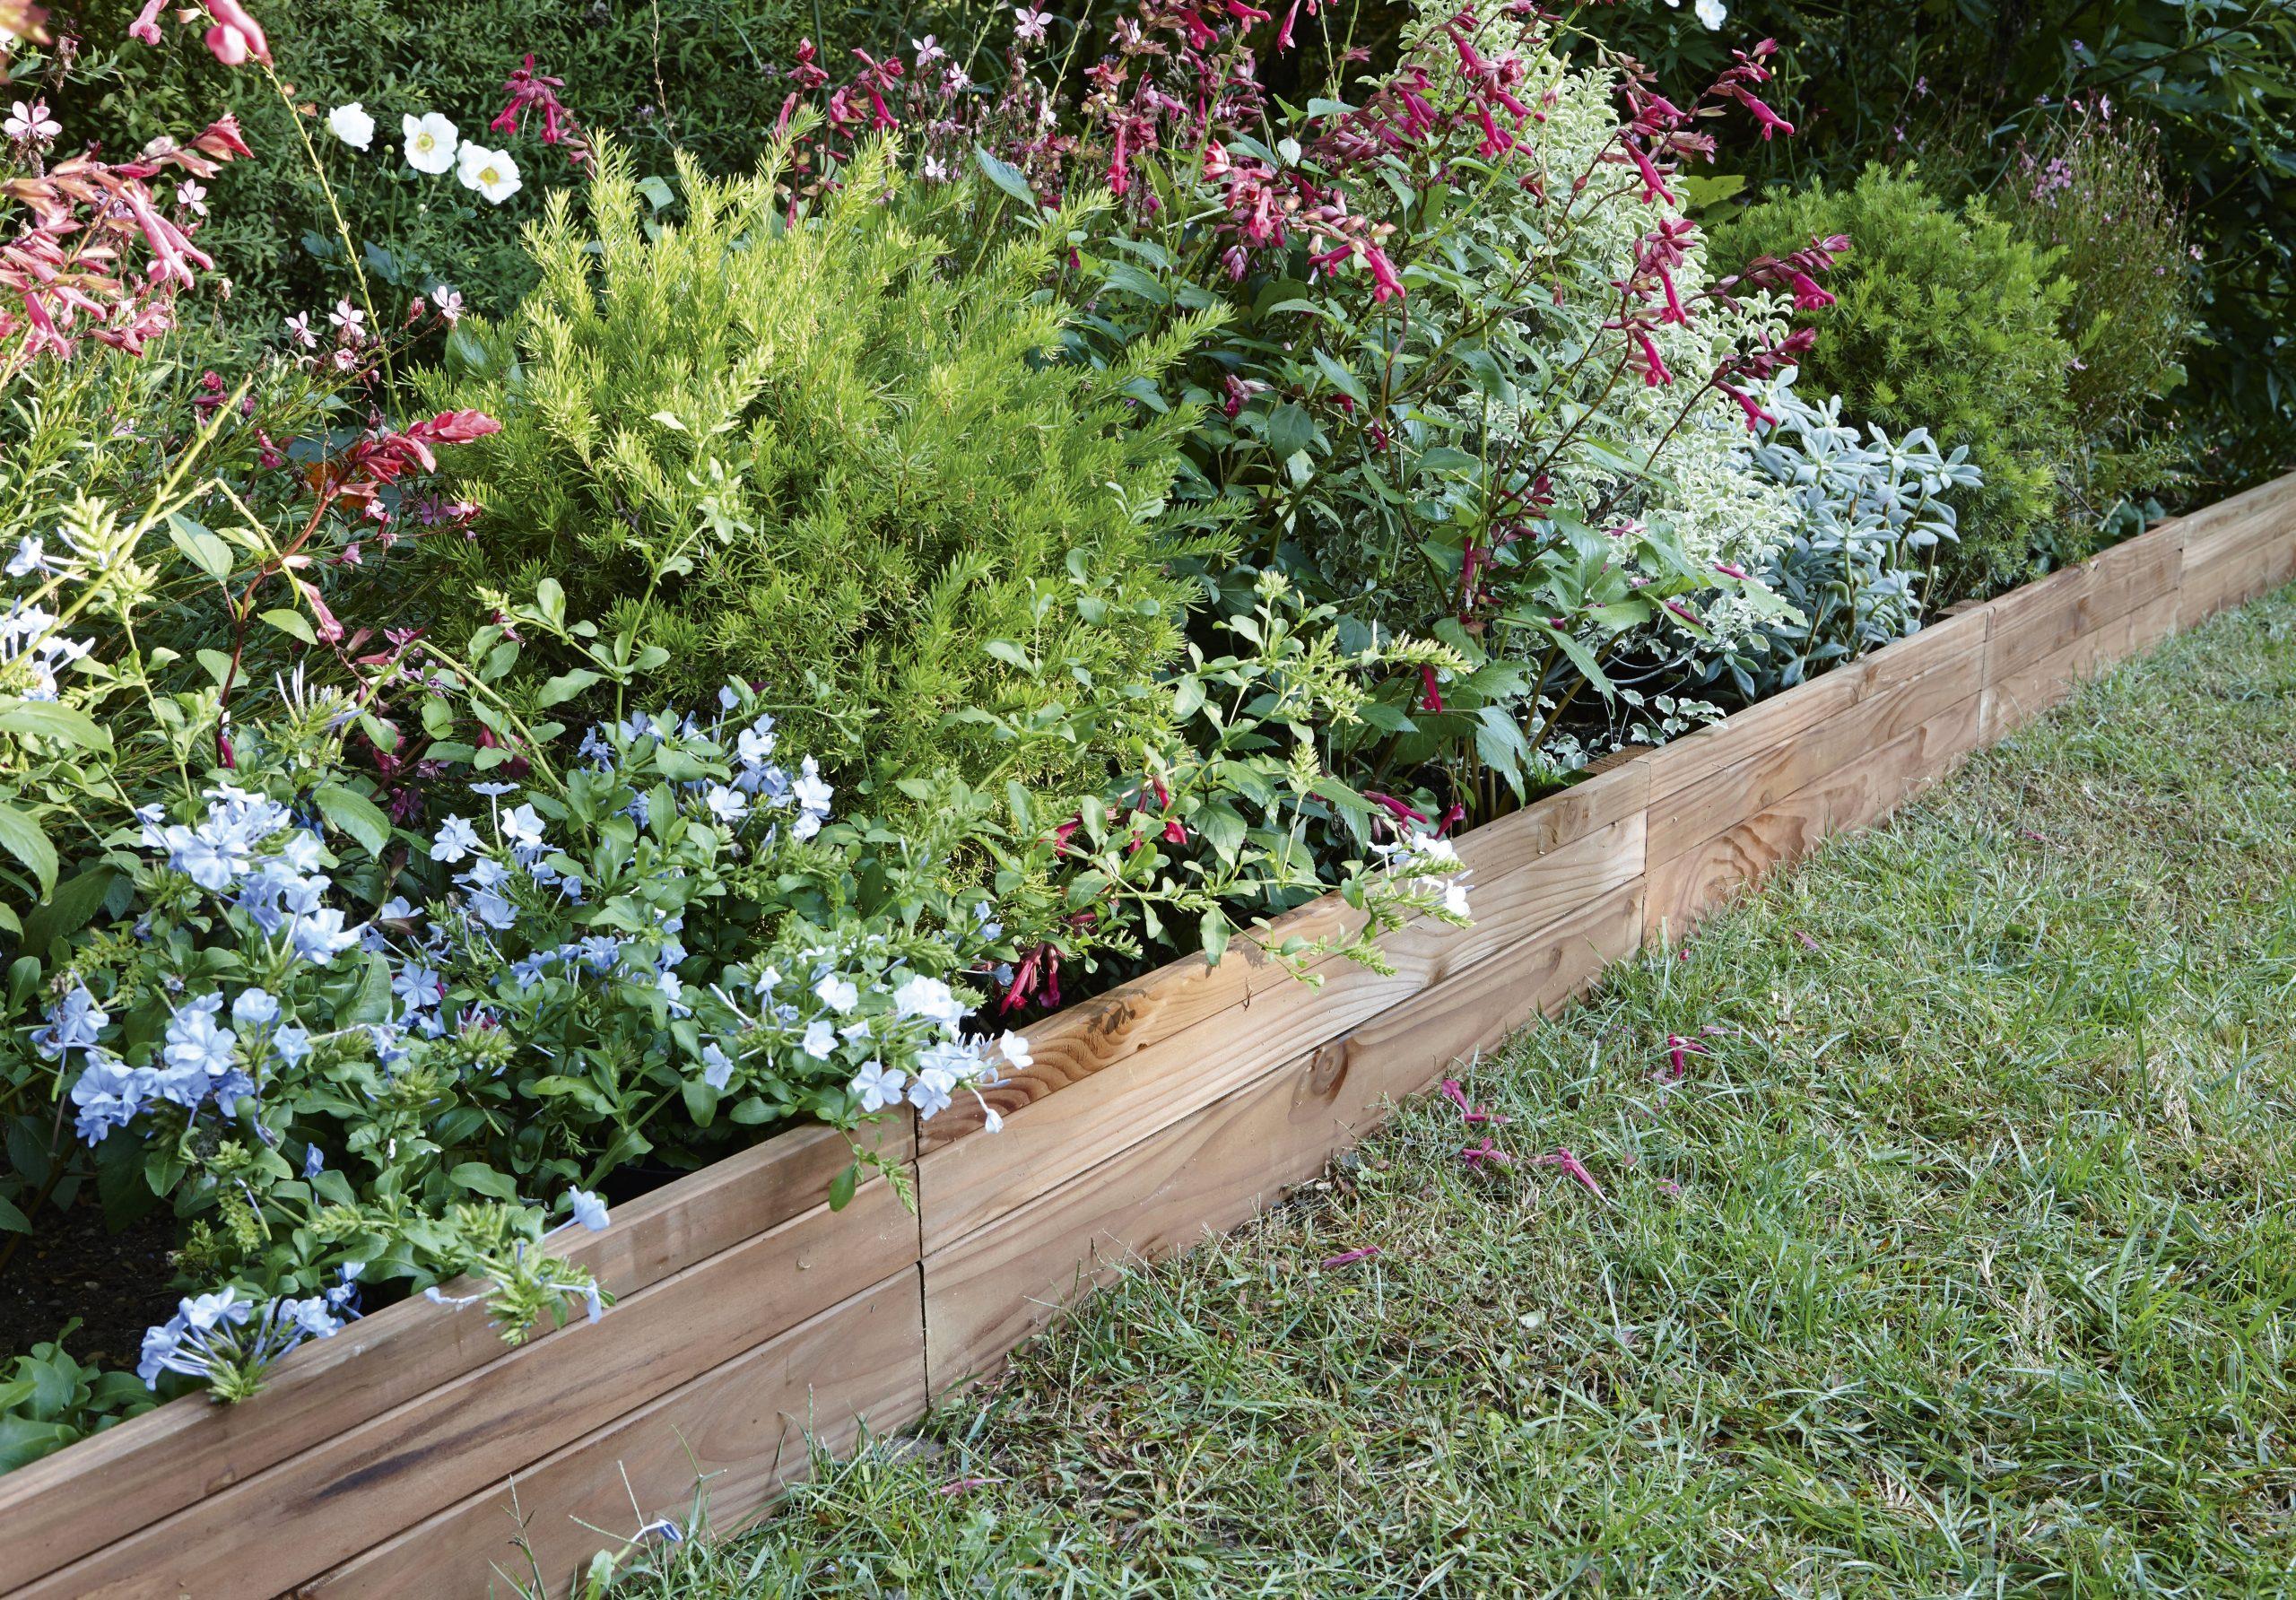 Bordure À Planter Douglas Bois Marron, H.45 X L.90 Cm dedans Bordure Jardin Bois